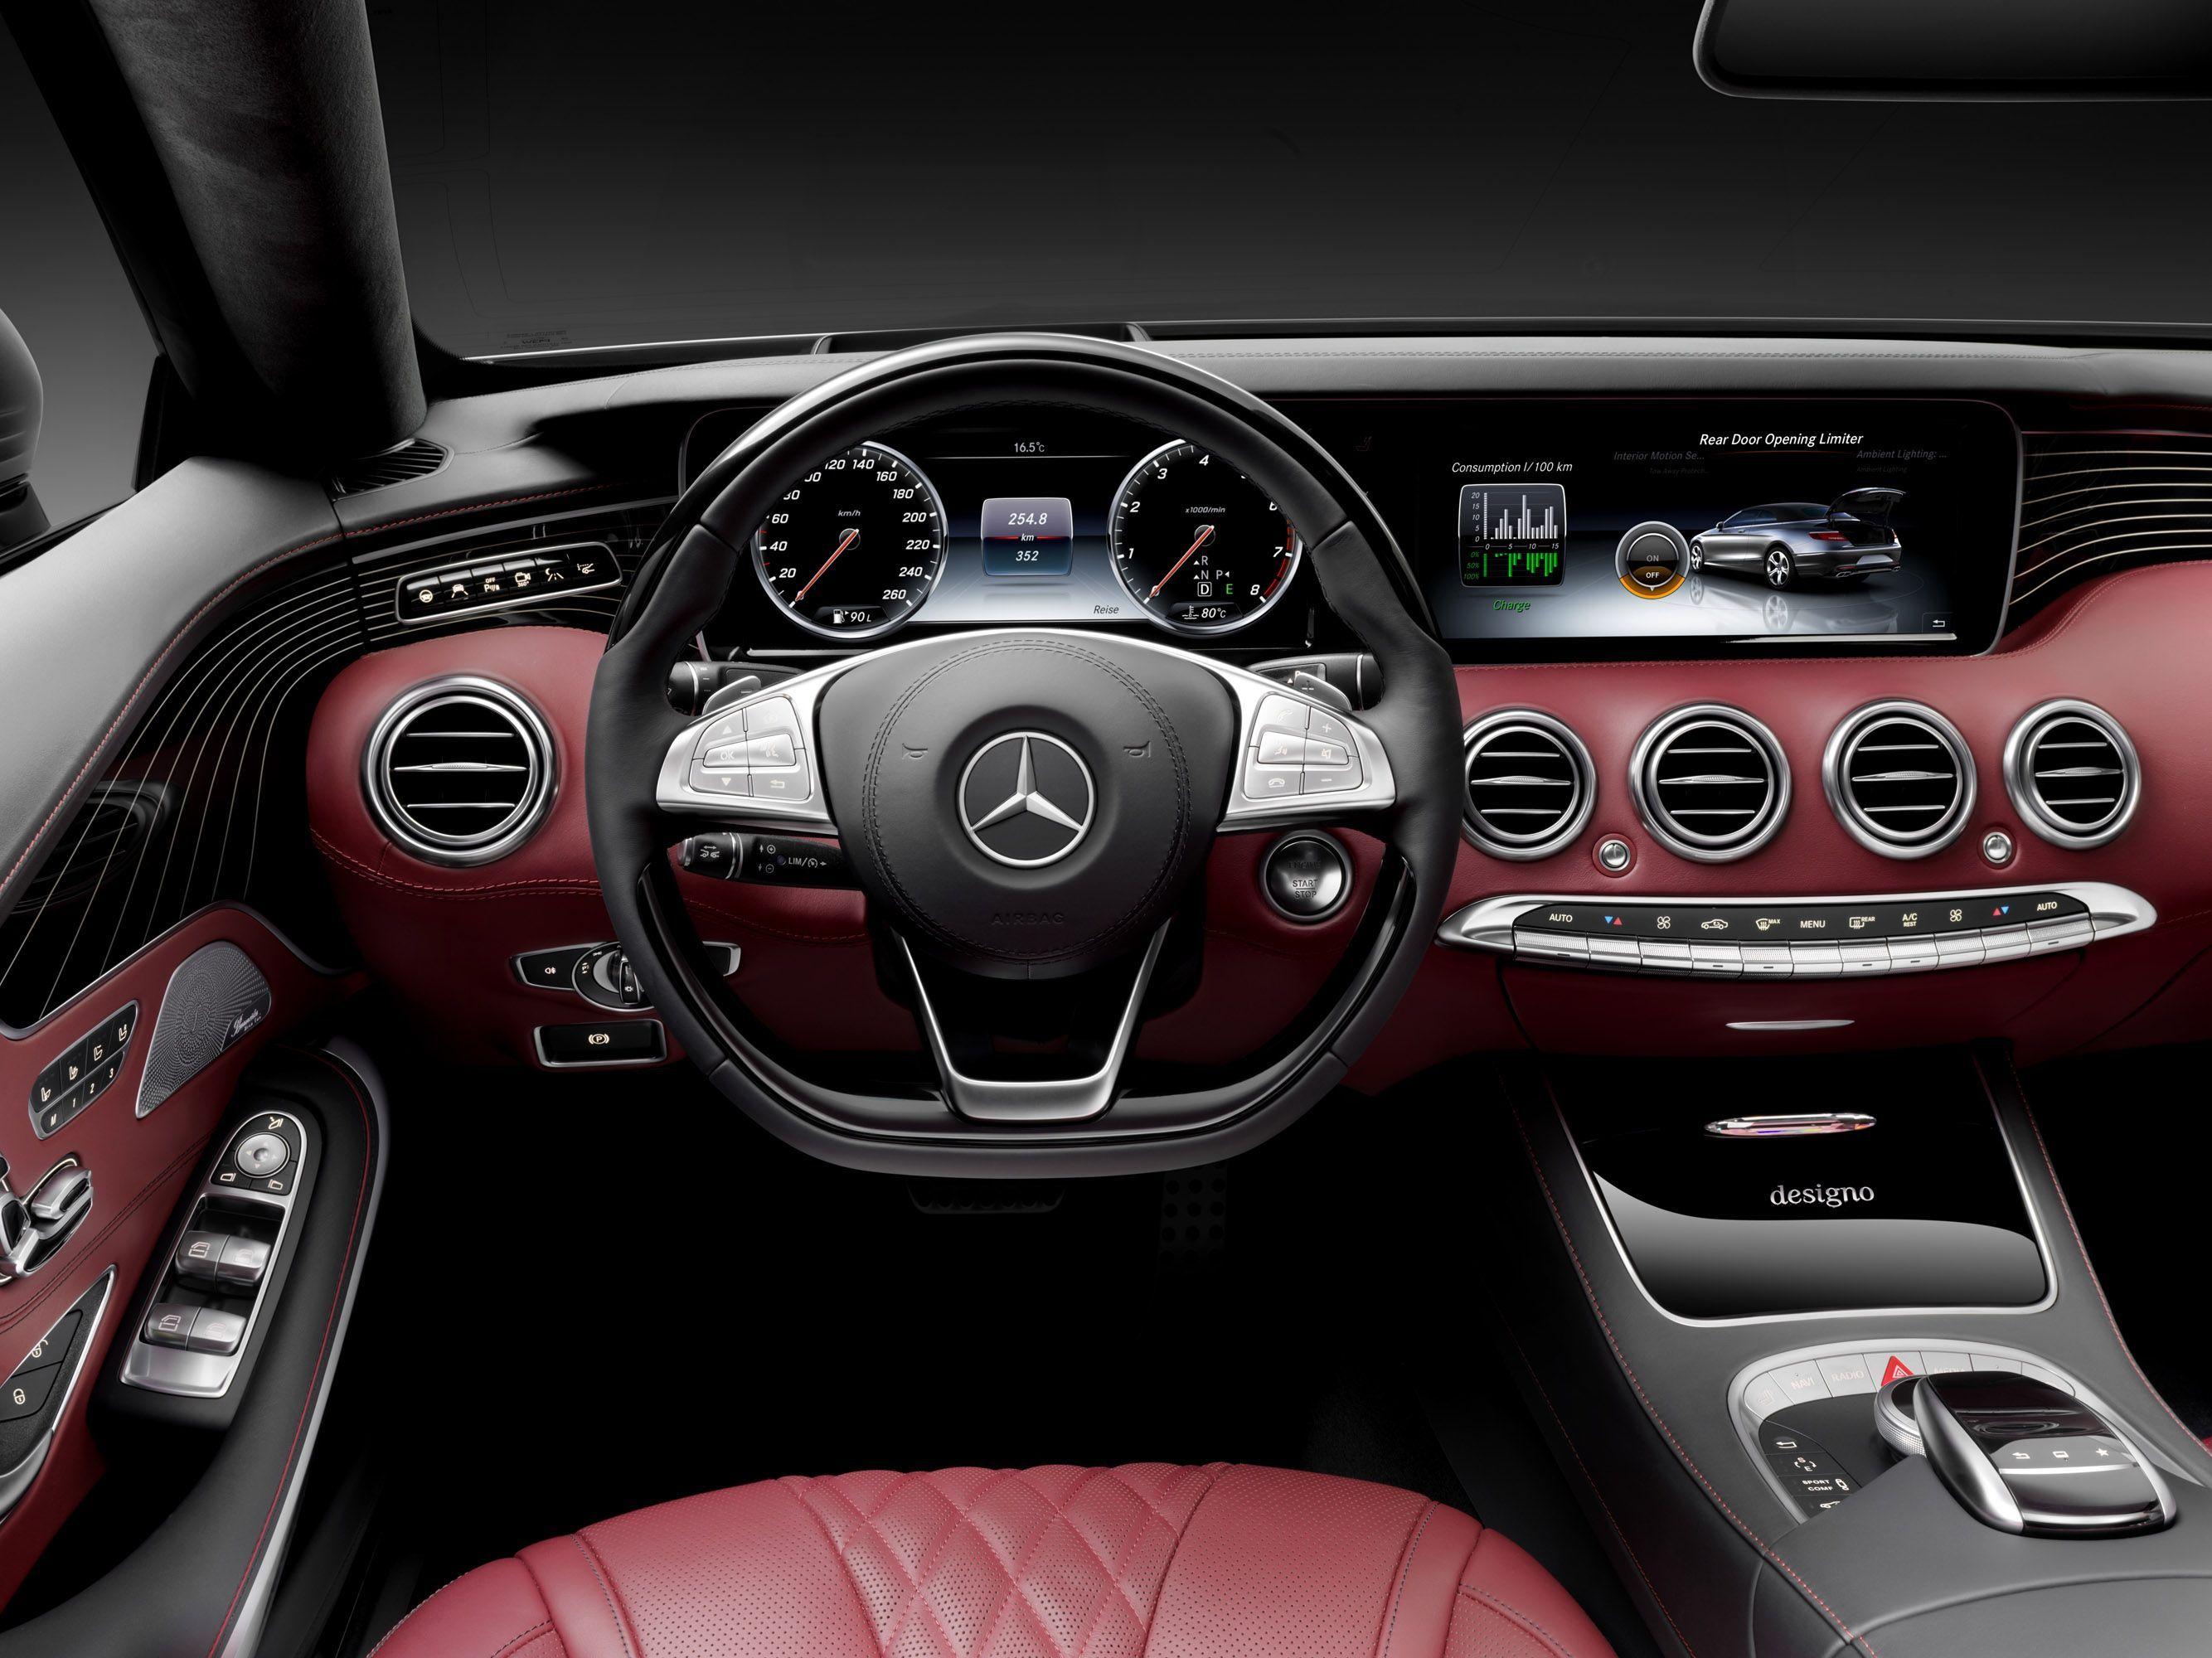 Motor Benz S Class Mercedes S Class Mercedes Benz Interior